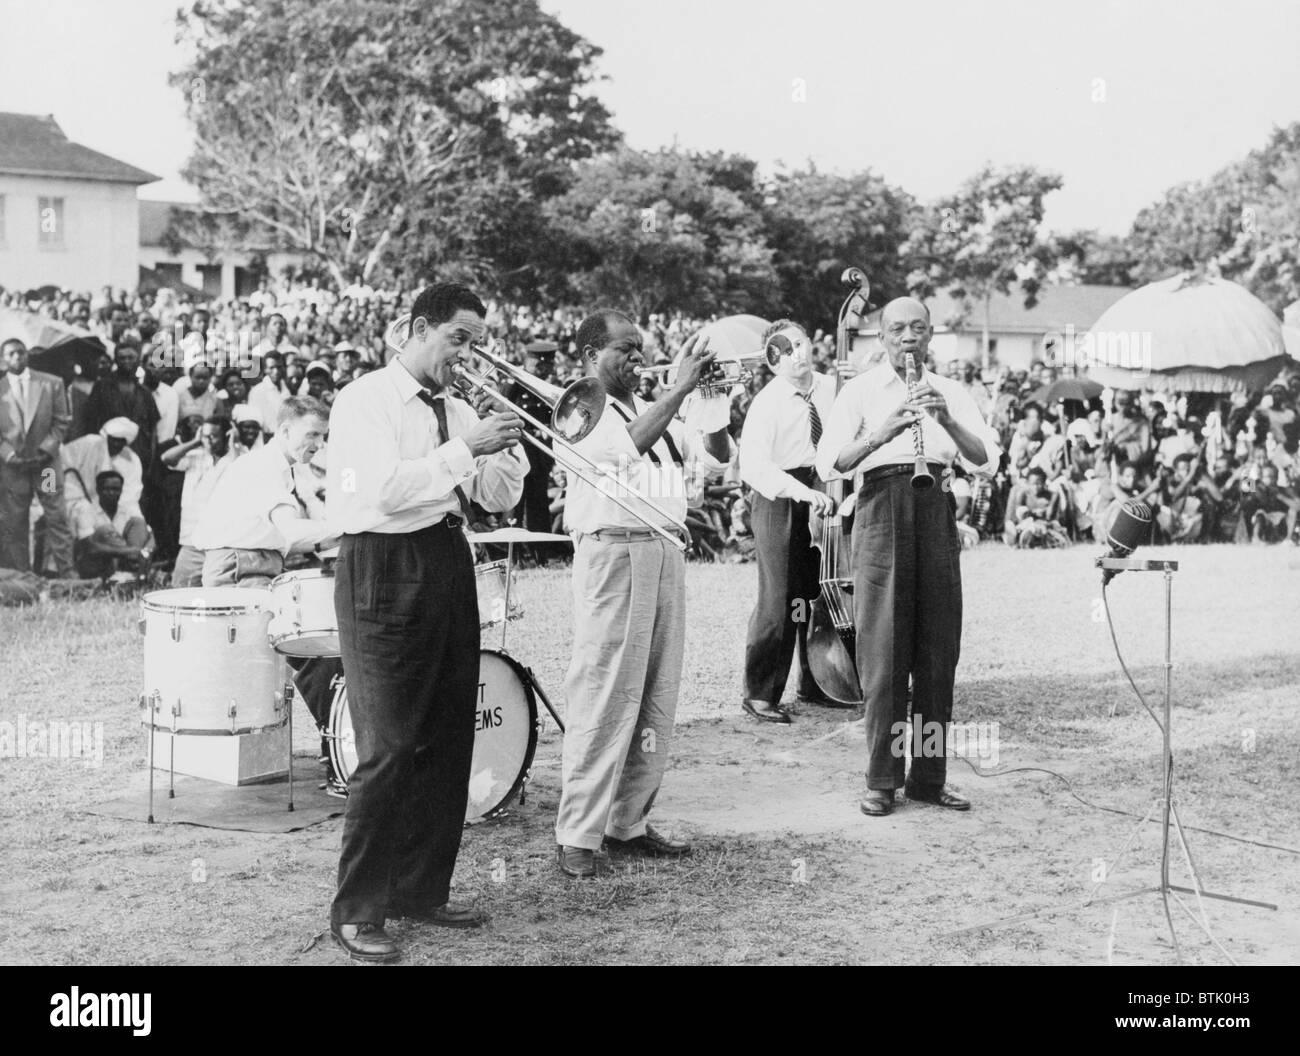 Louis Armstrong (1901-1971), músico de Jazz afroamericano, tocar la trompeta con banda en una reunión al aire libre en África, 1956. Foto de stock